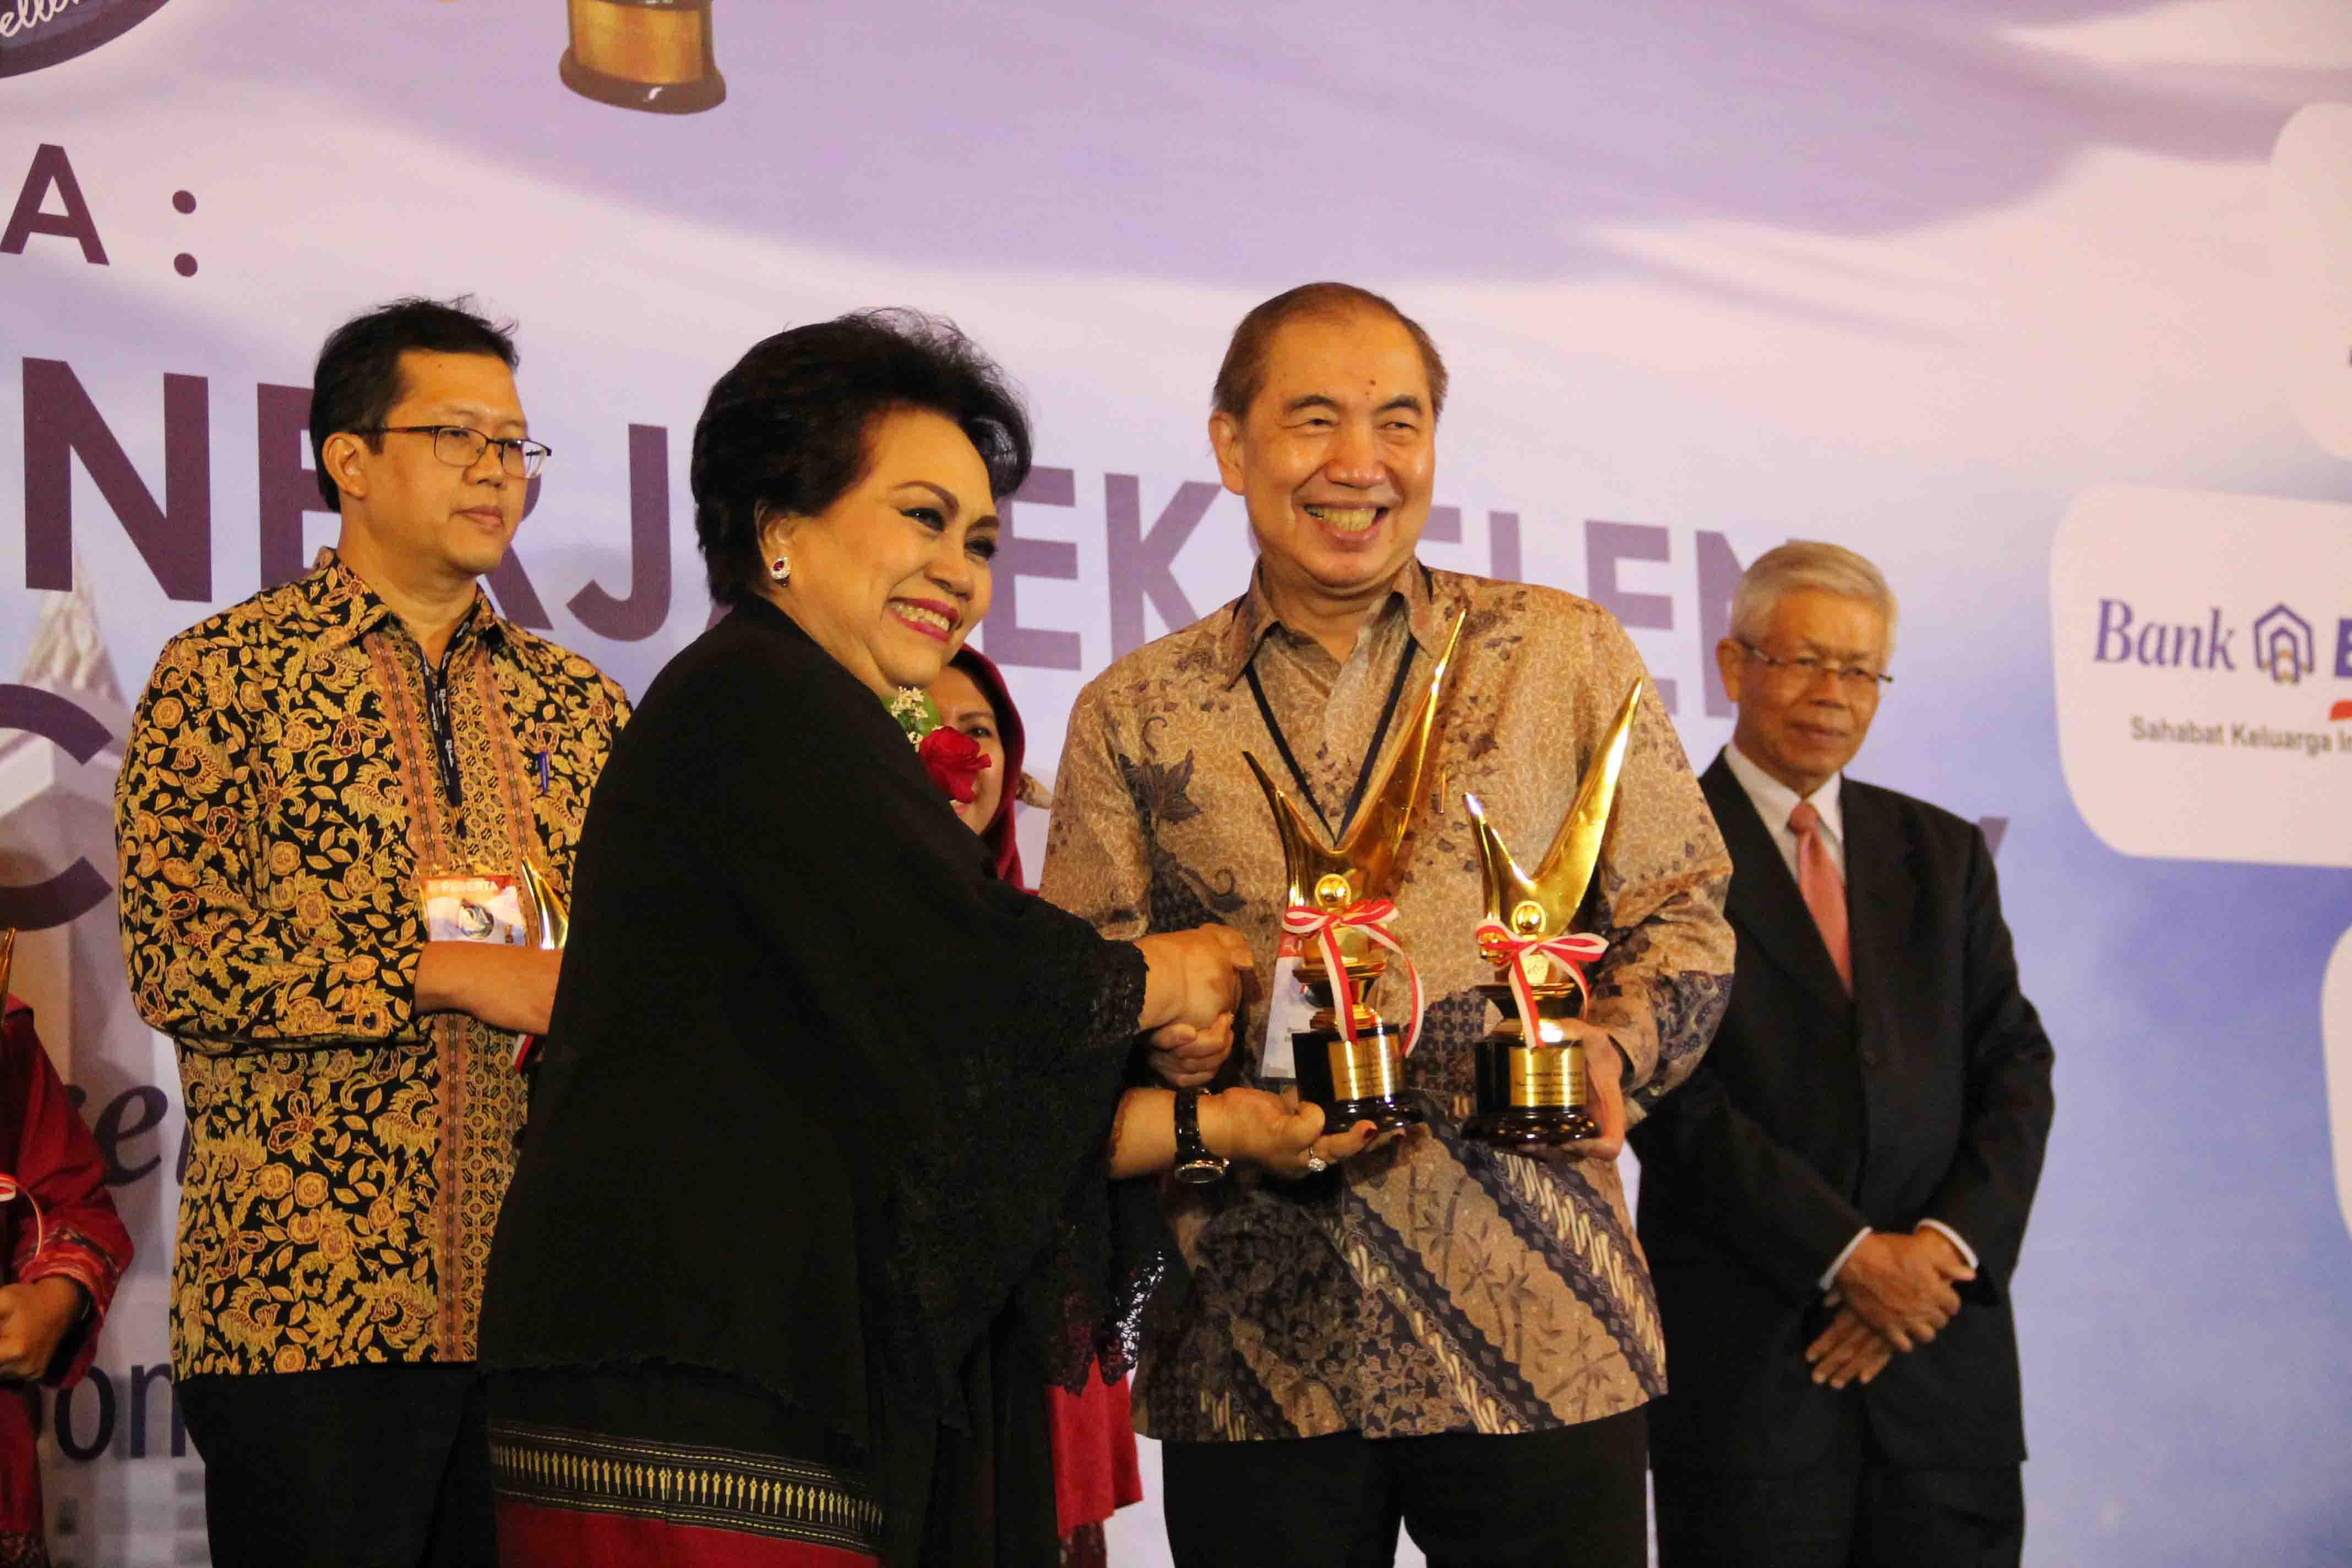 Penyerahan Piala oleh Ibu dr. Orie Andari Sutadji, MBA (IQAF) kepada Bapak Ir. Bernard Gunawan (CEO Bina Nusantara)